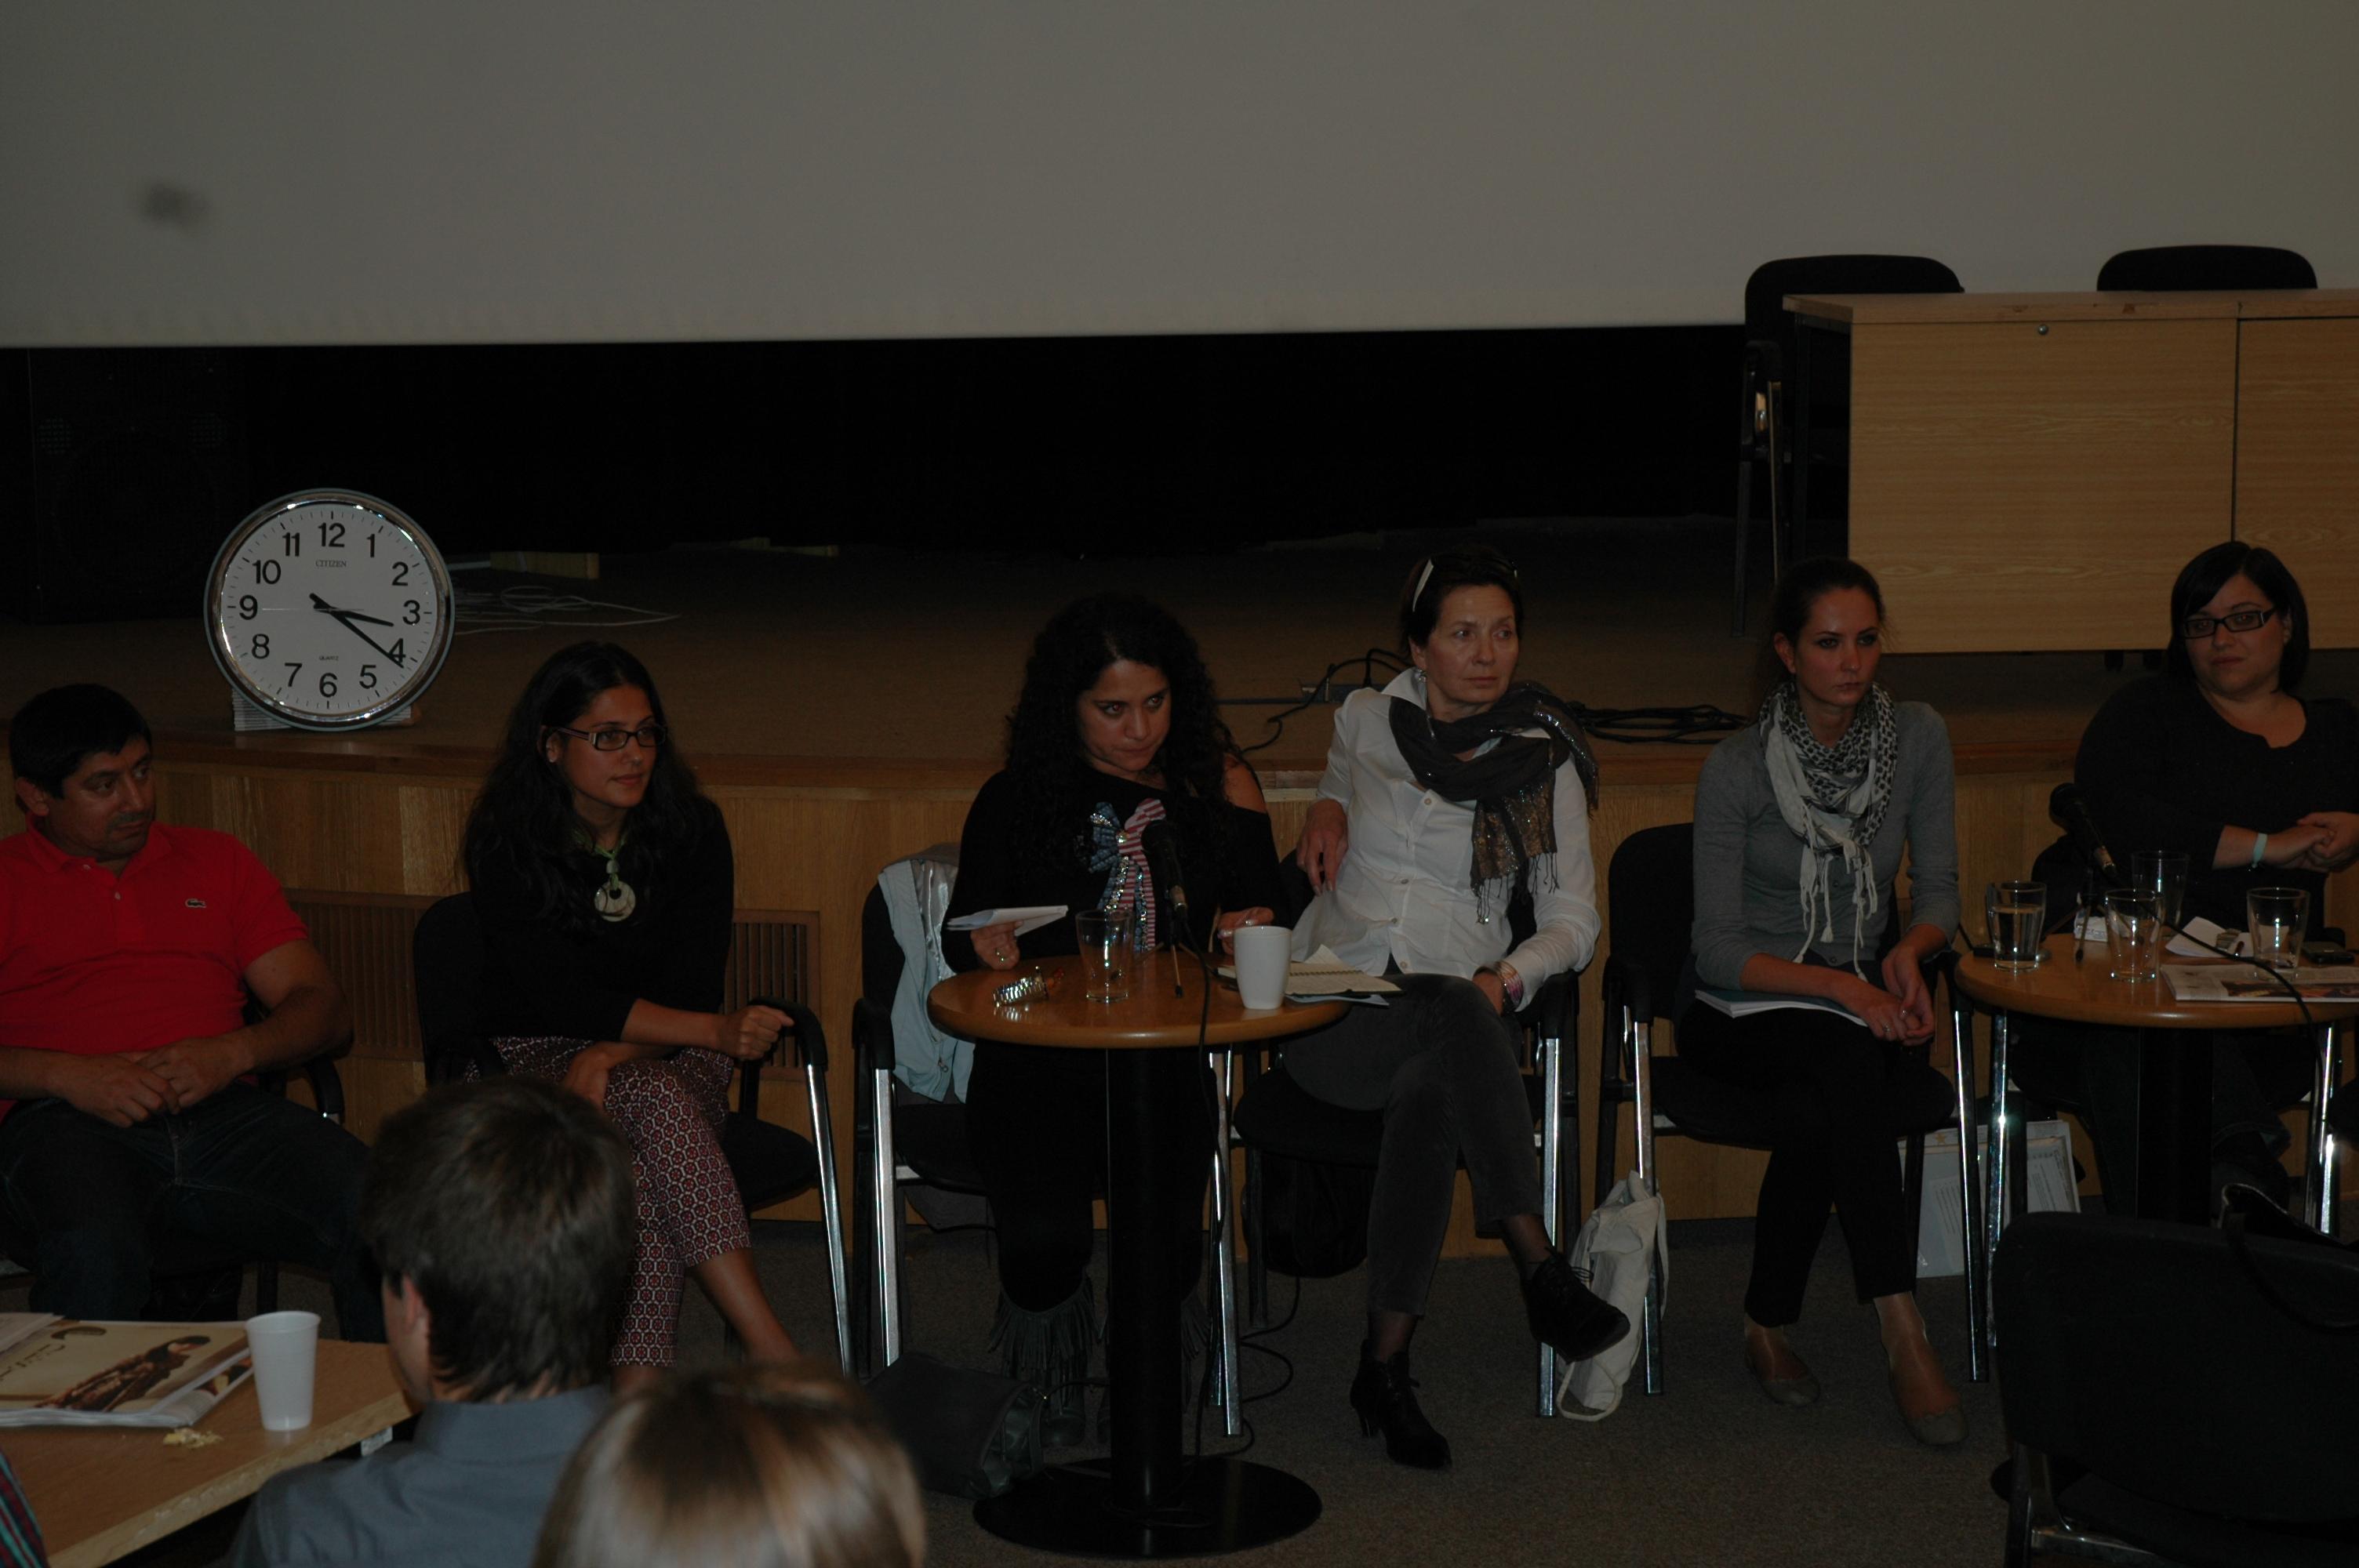 Zleva J. Balog, L. Gissyová, J. Balážová, M. Pastorová, A. Chudžíková a E. Hesová